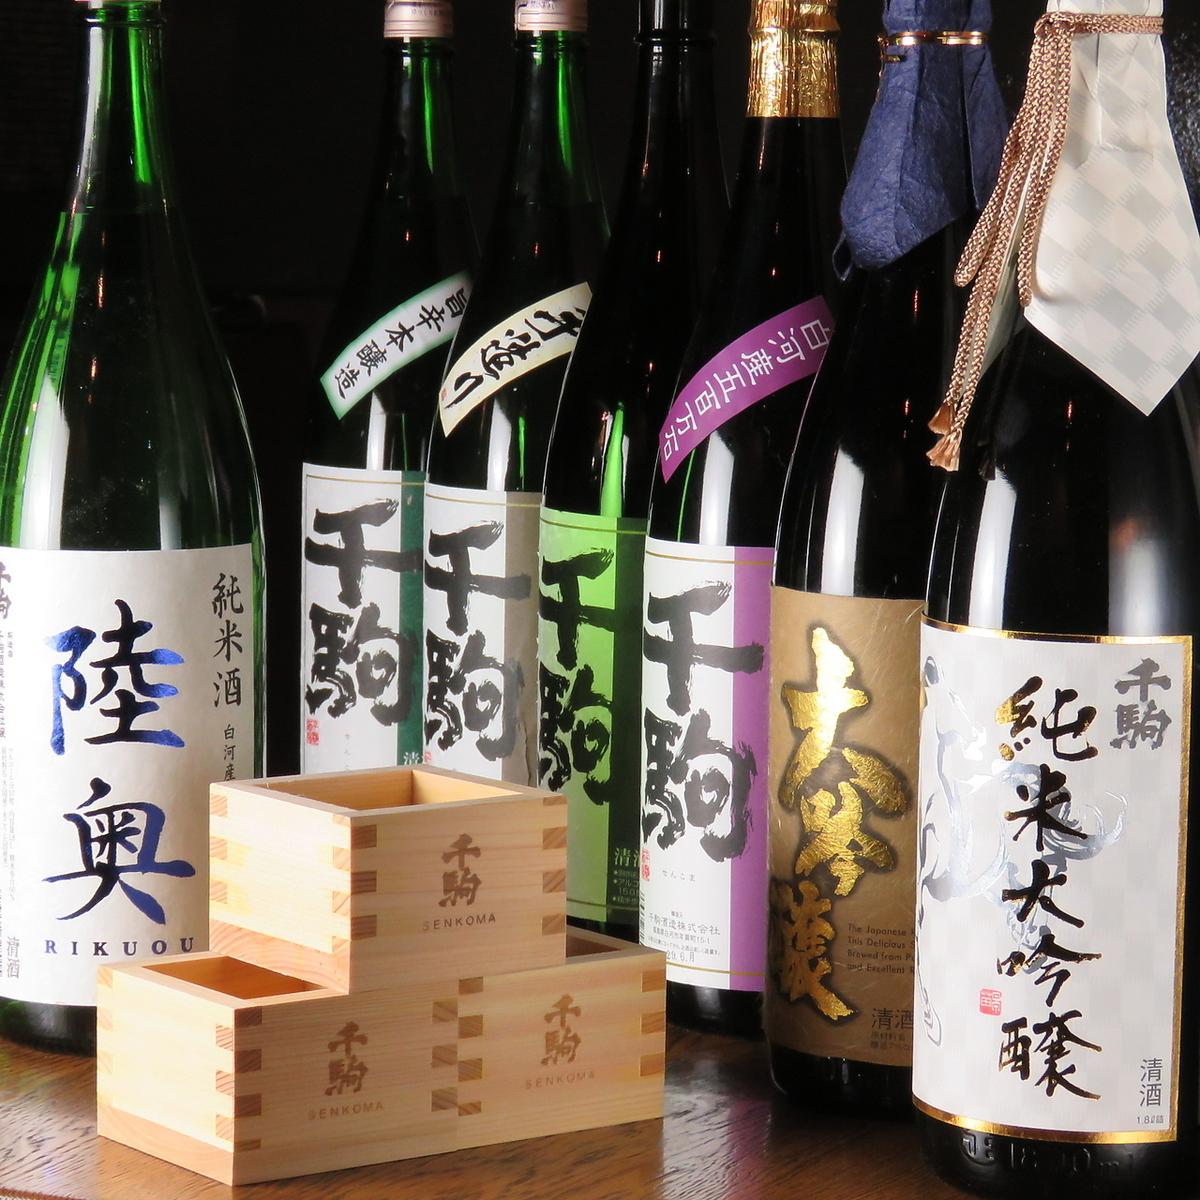 来自Kuramoto的清酒酱